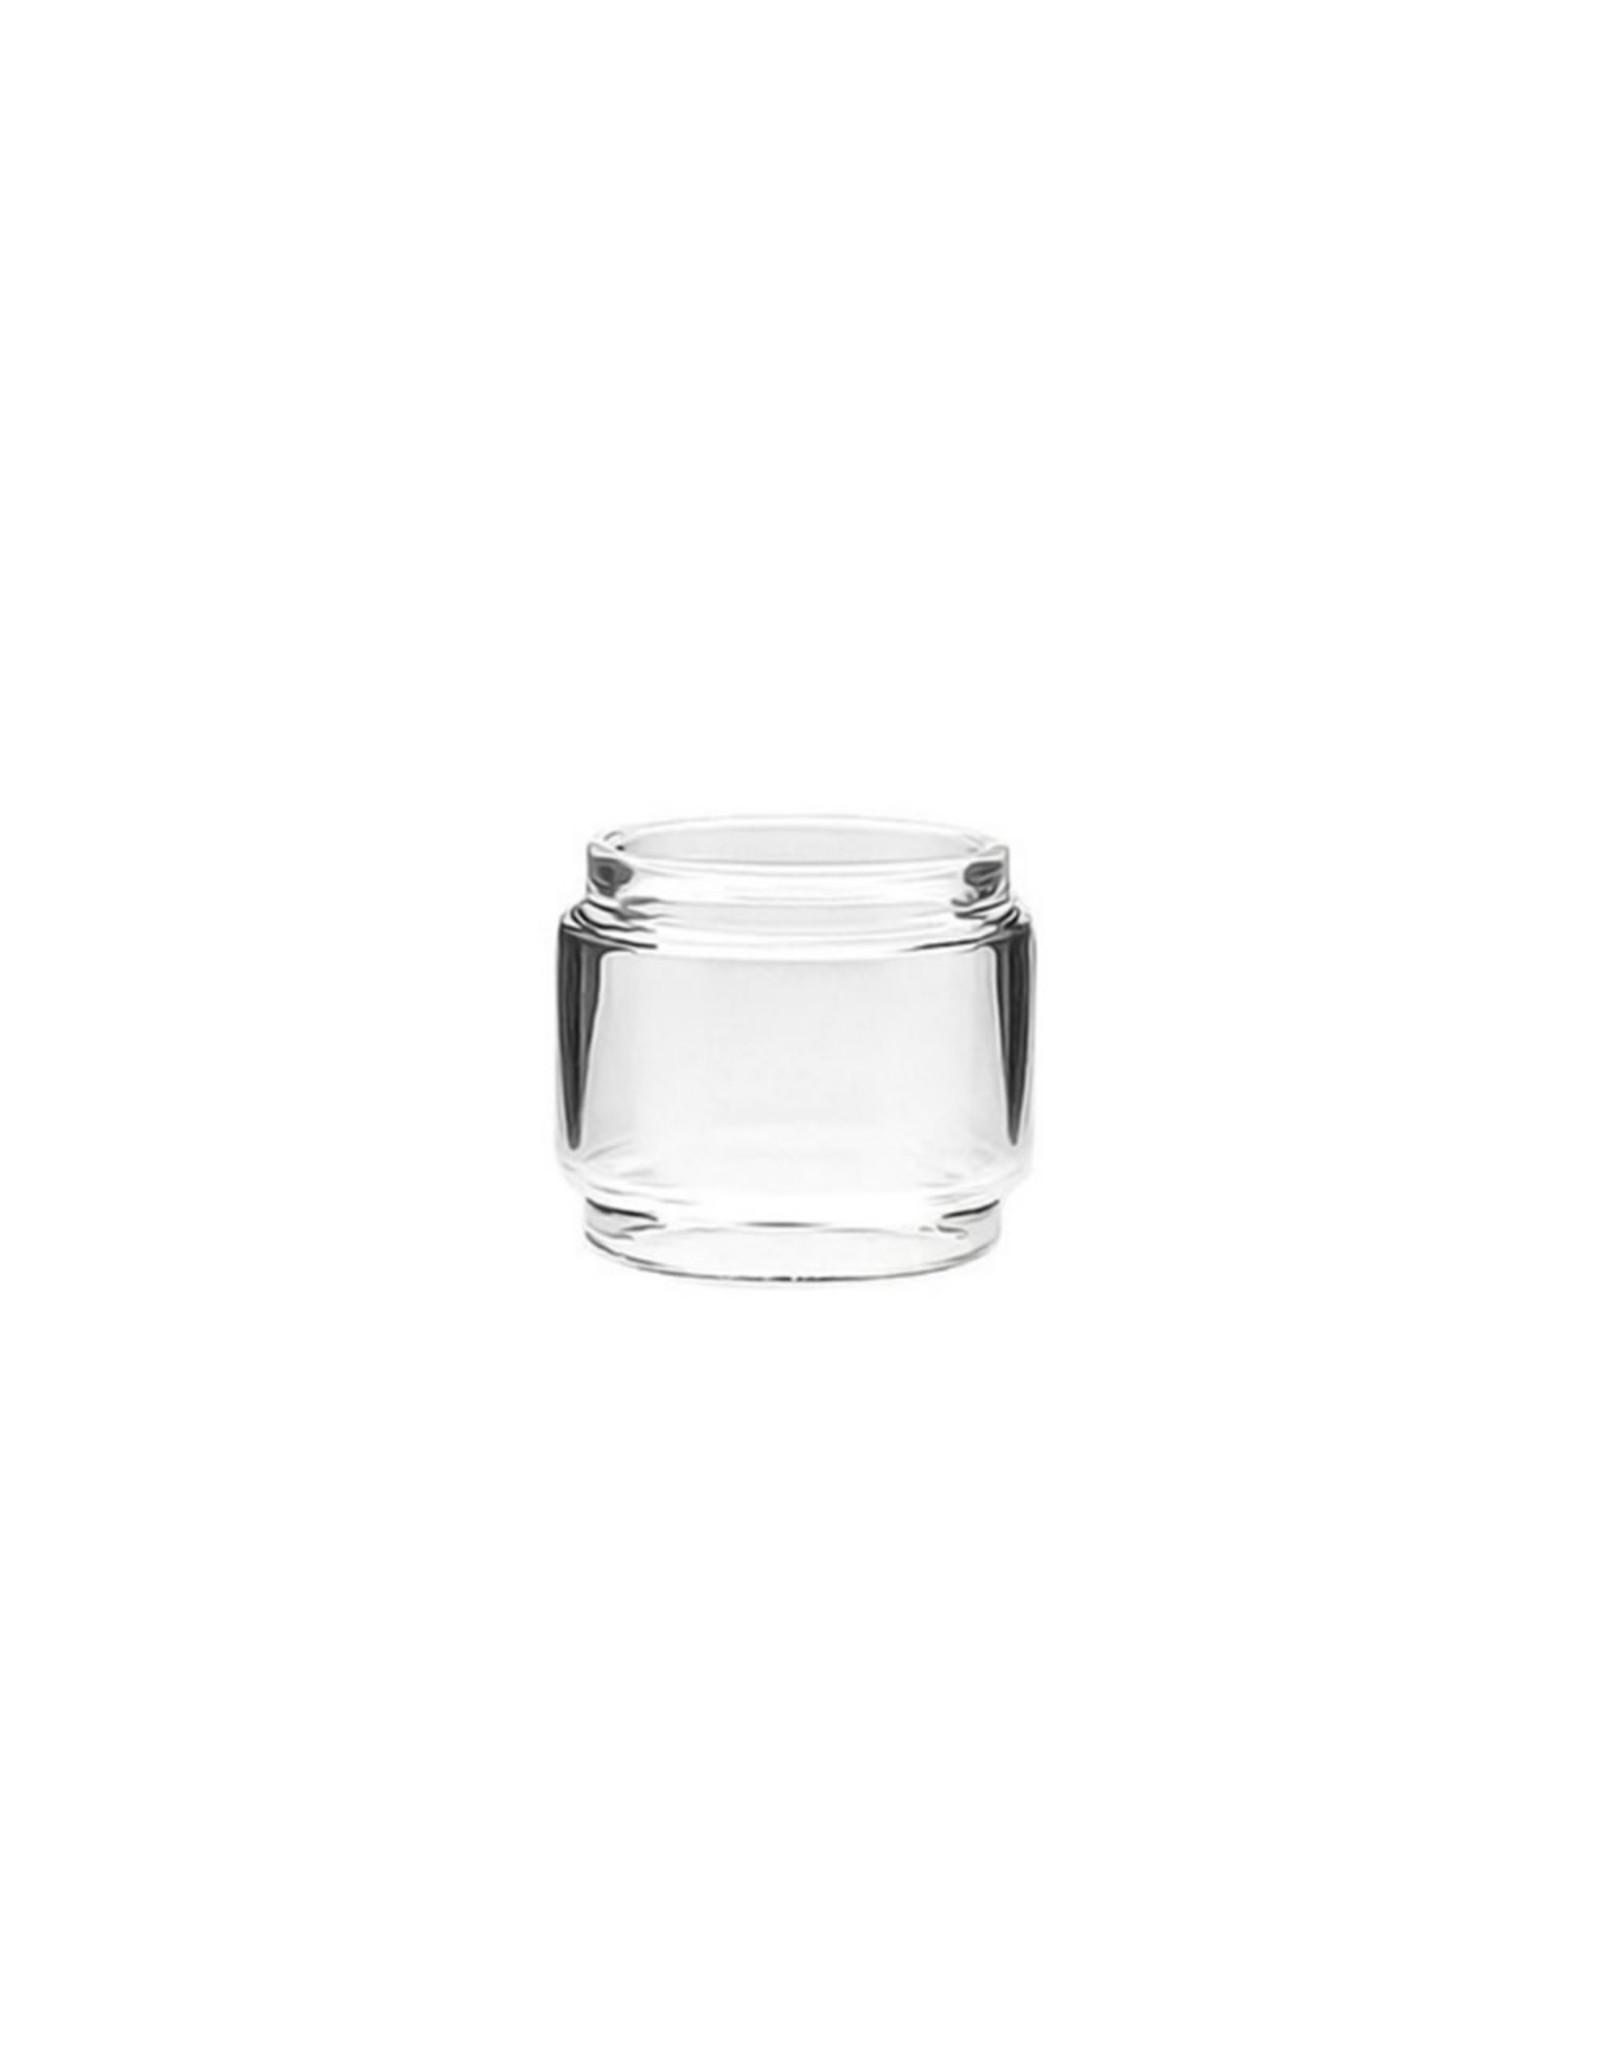 SmokTech Tfv12 prince glass tube 10pcs